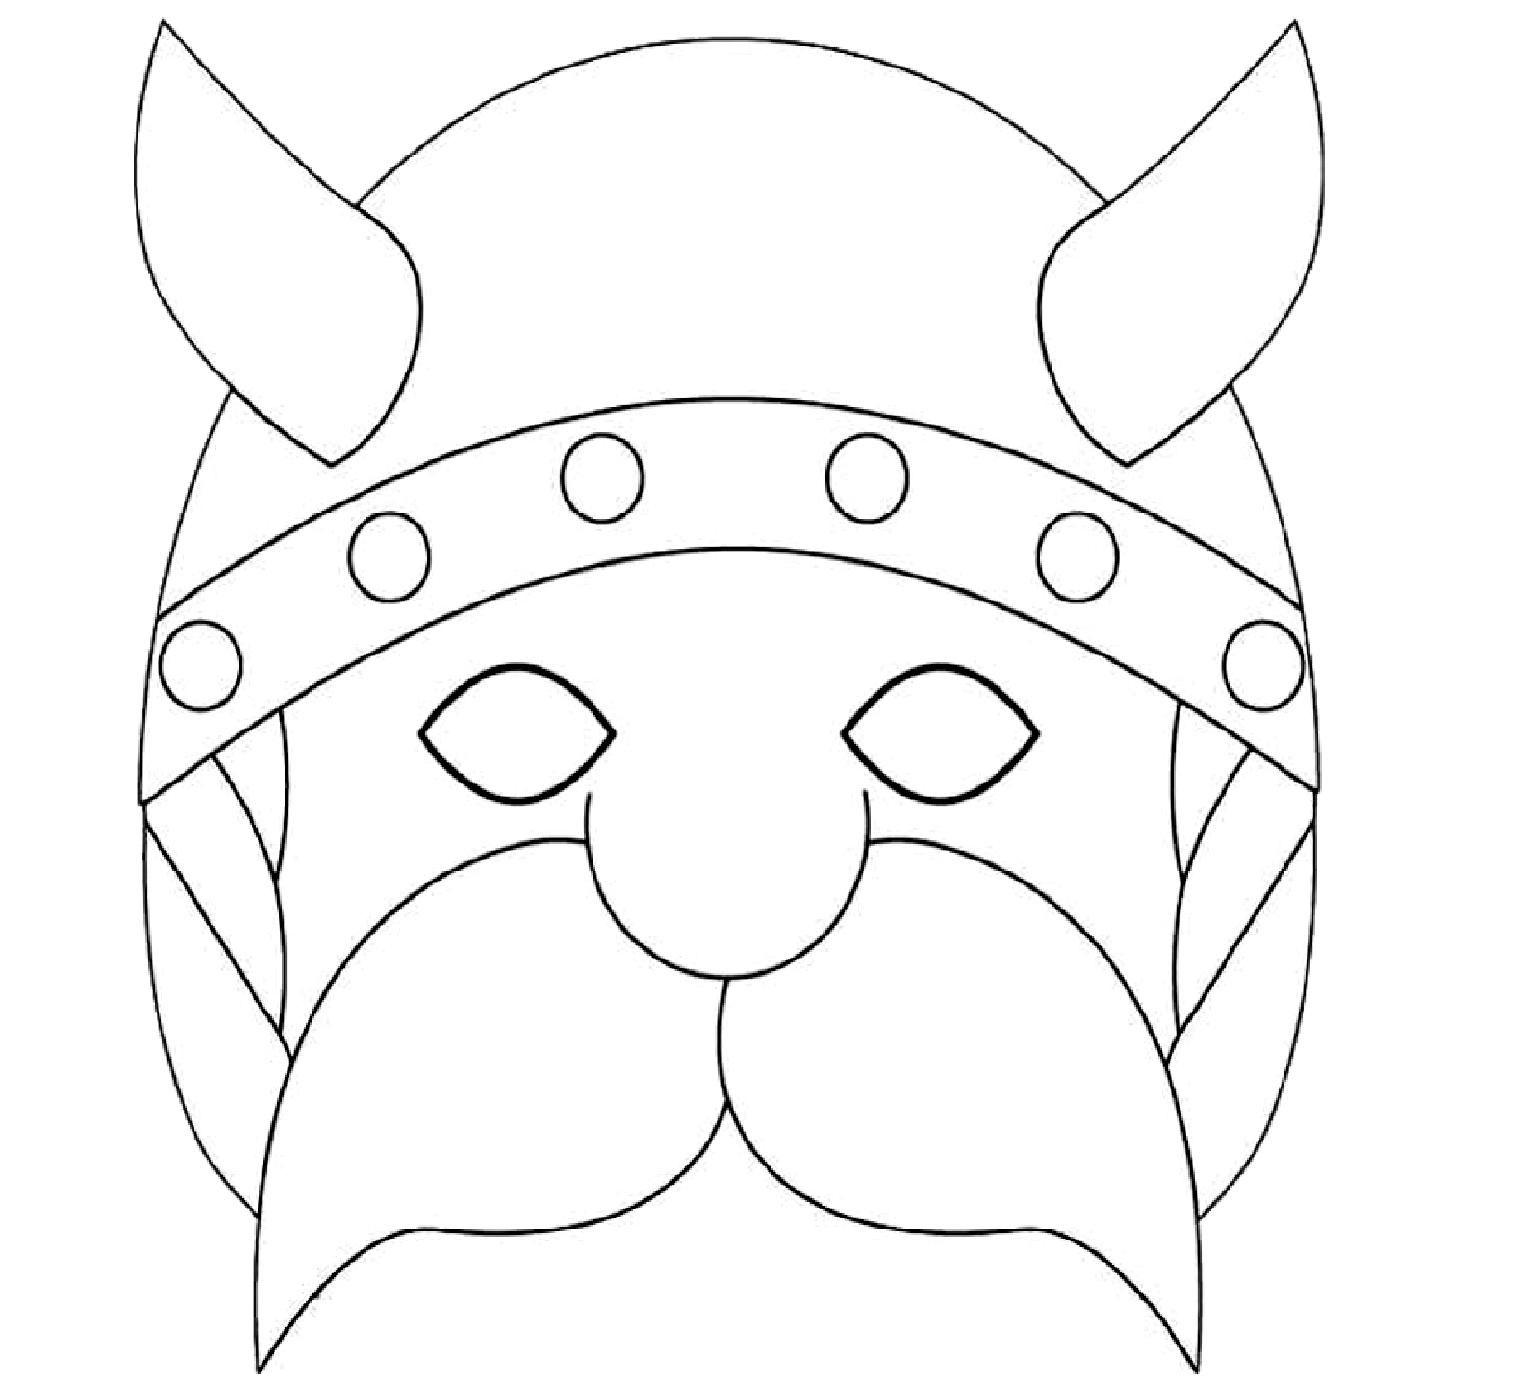 Masque Gaulois A Colorier Découpage A Imprimer | Activité avec Decoupage A Imprimer